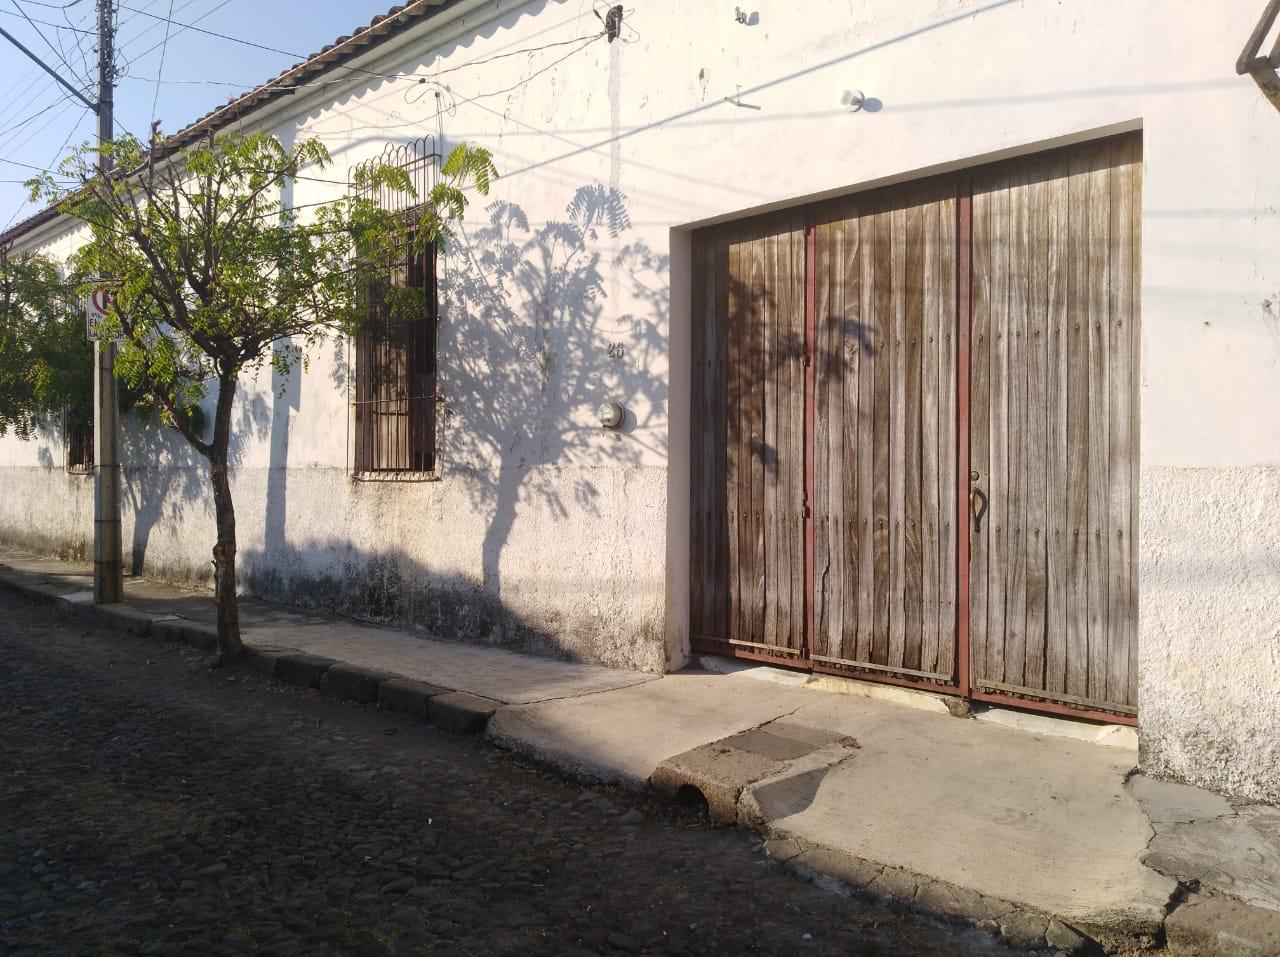 Casona en Pueblo Mágico de Comala